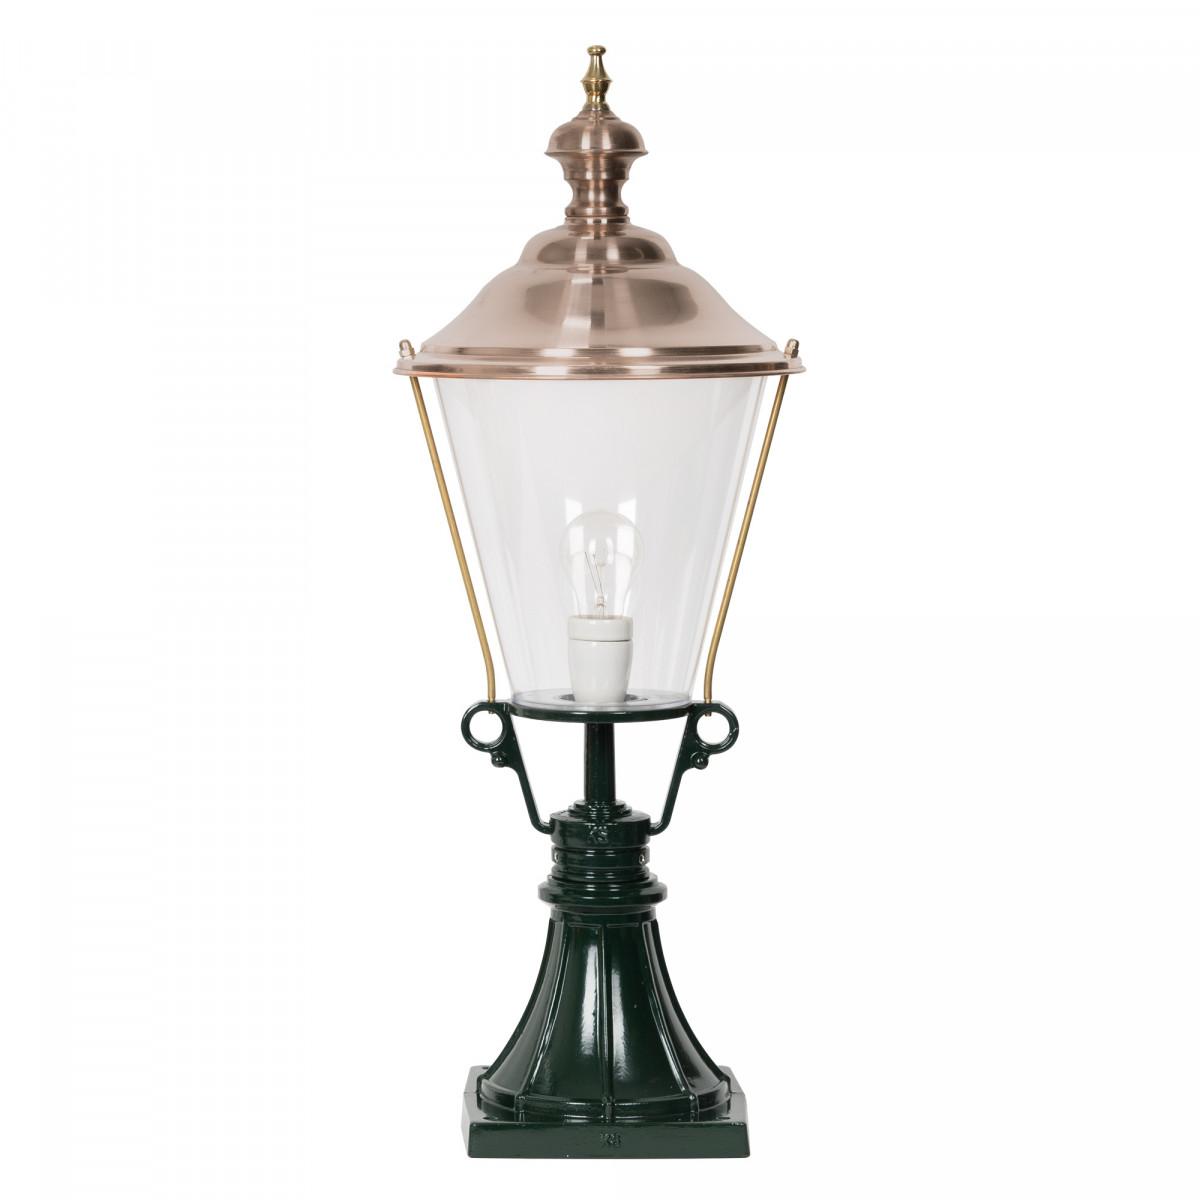 Tuinlamp KS204